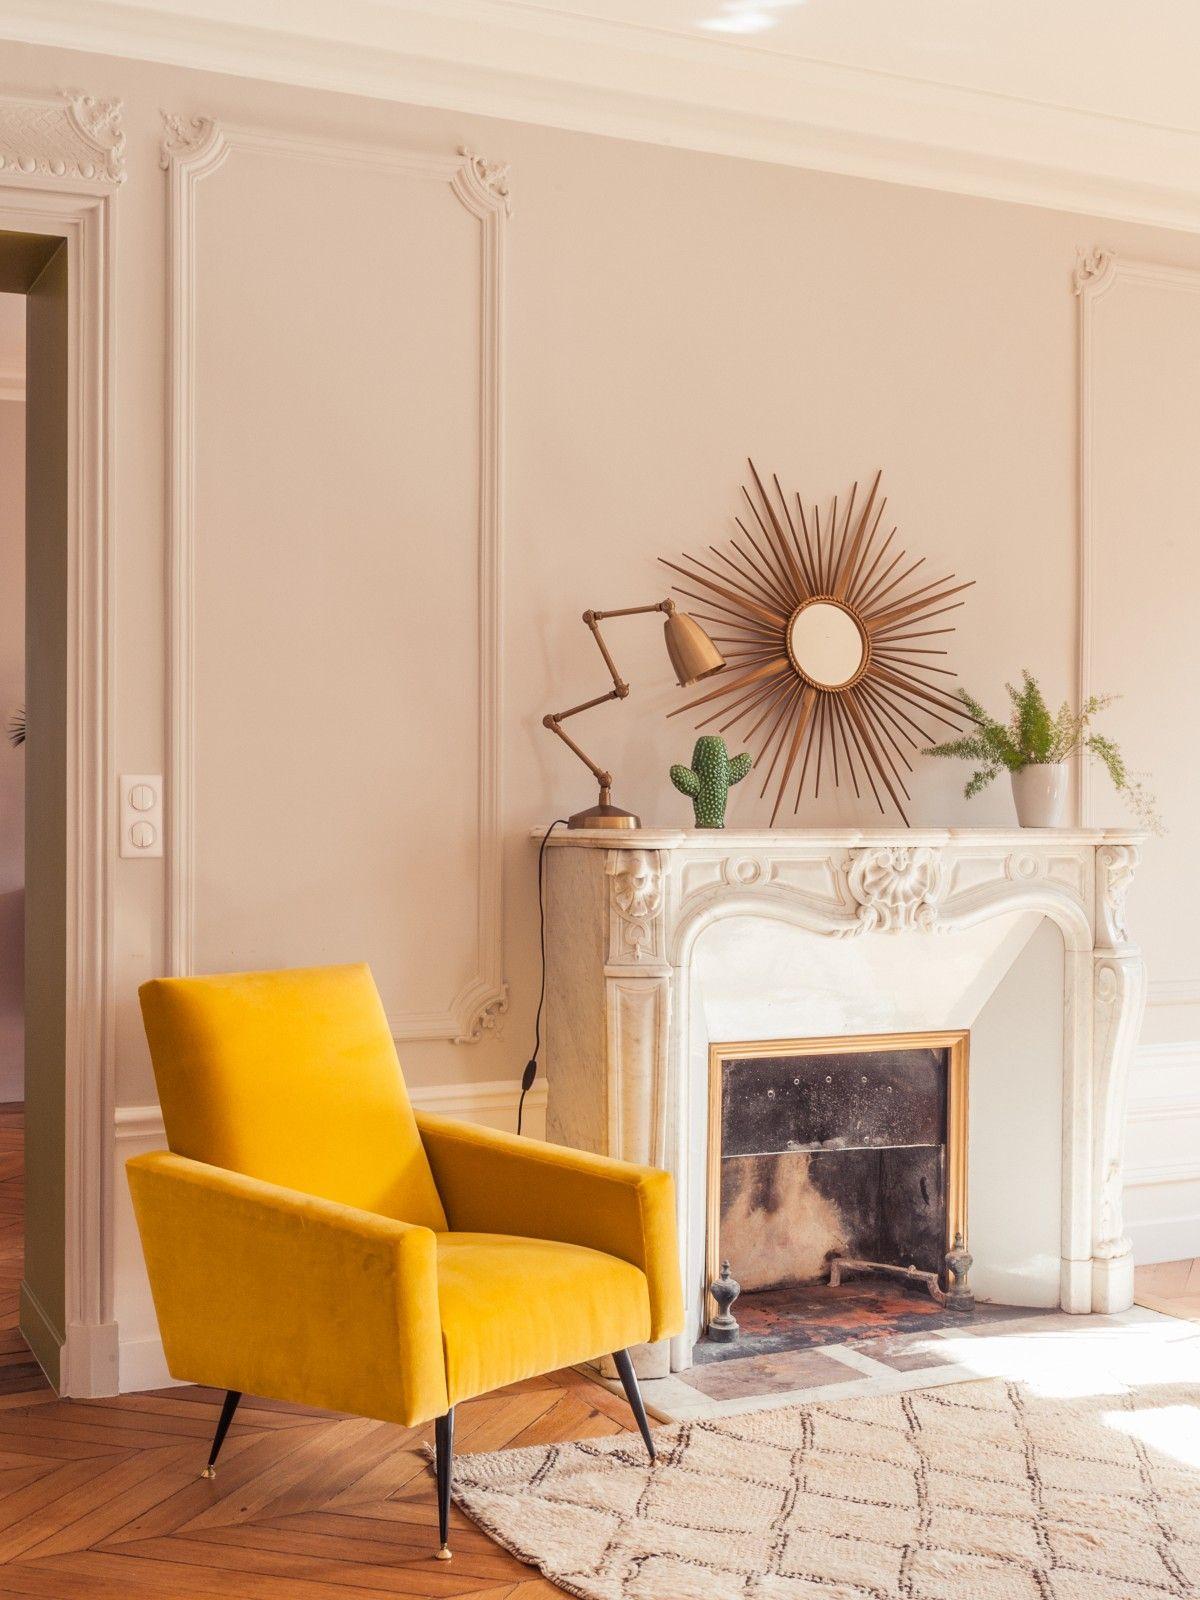 appartement d cor par marion alberge sur paris pingle par l 39 agence sk a chemin e ancienne. Black Bedroom Furniture Sets. Home Design Ideas